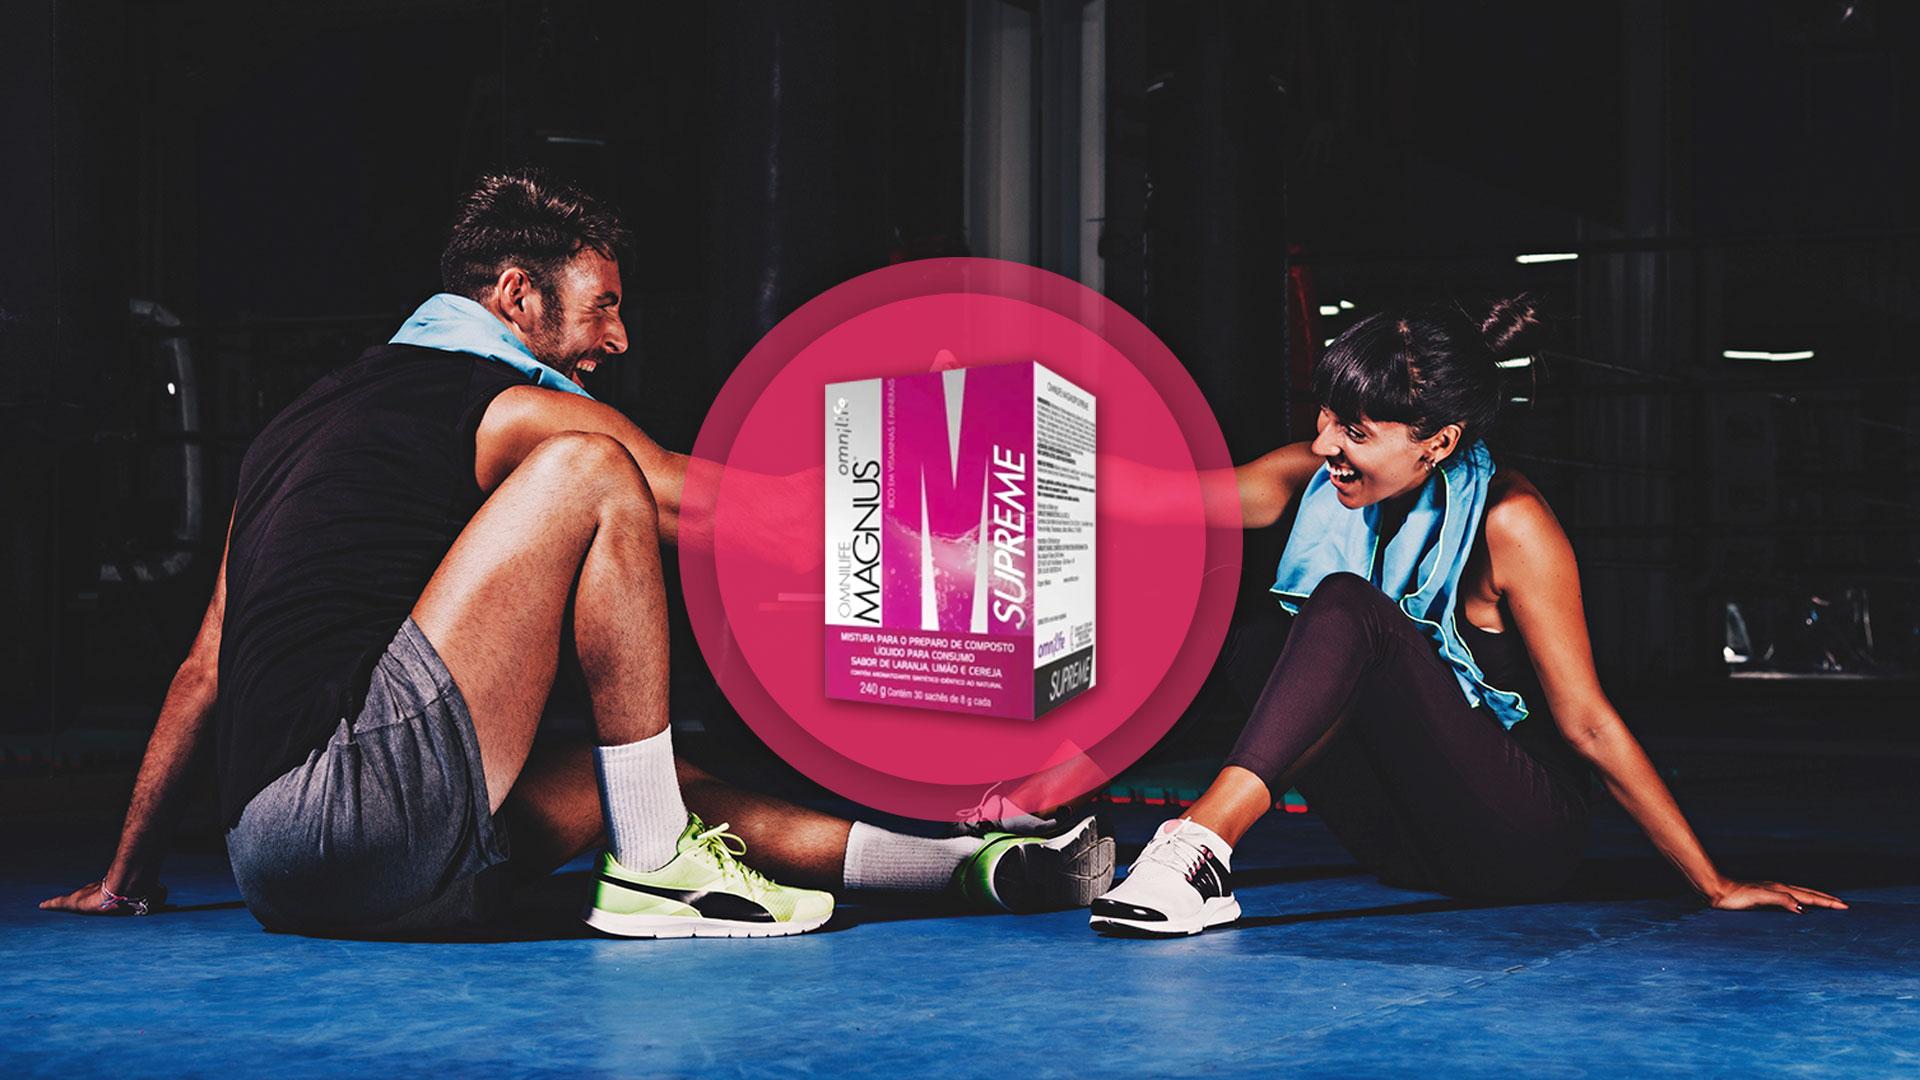 Magnus é um suplemento ideal para ter mais energia durante a prática esportiva